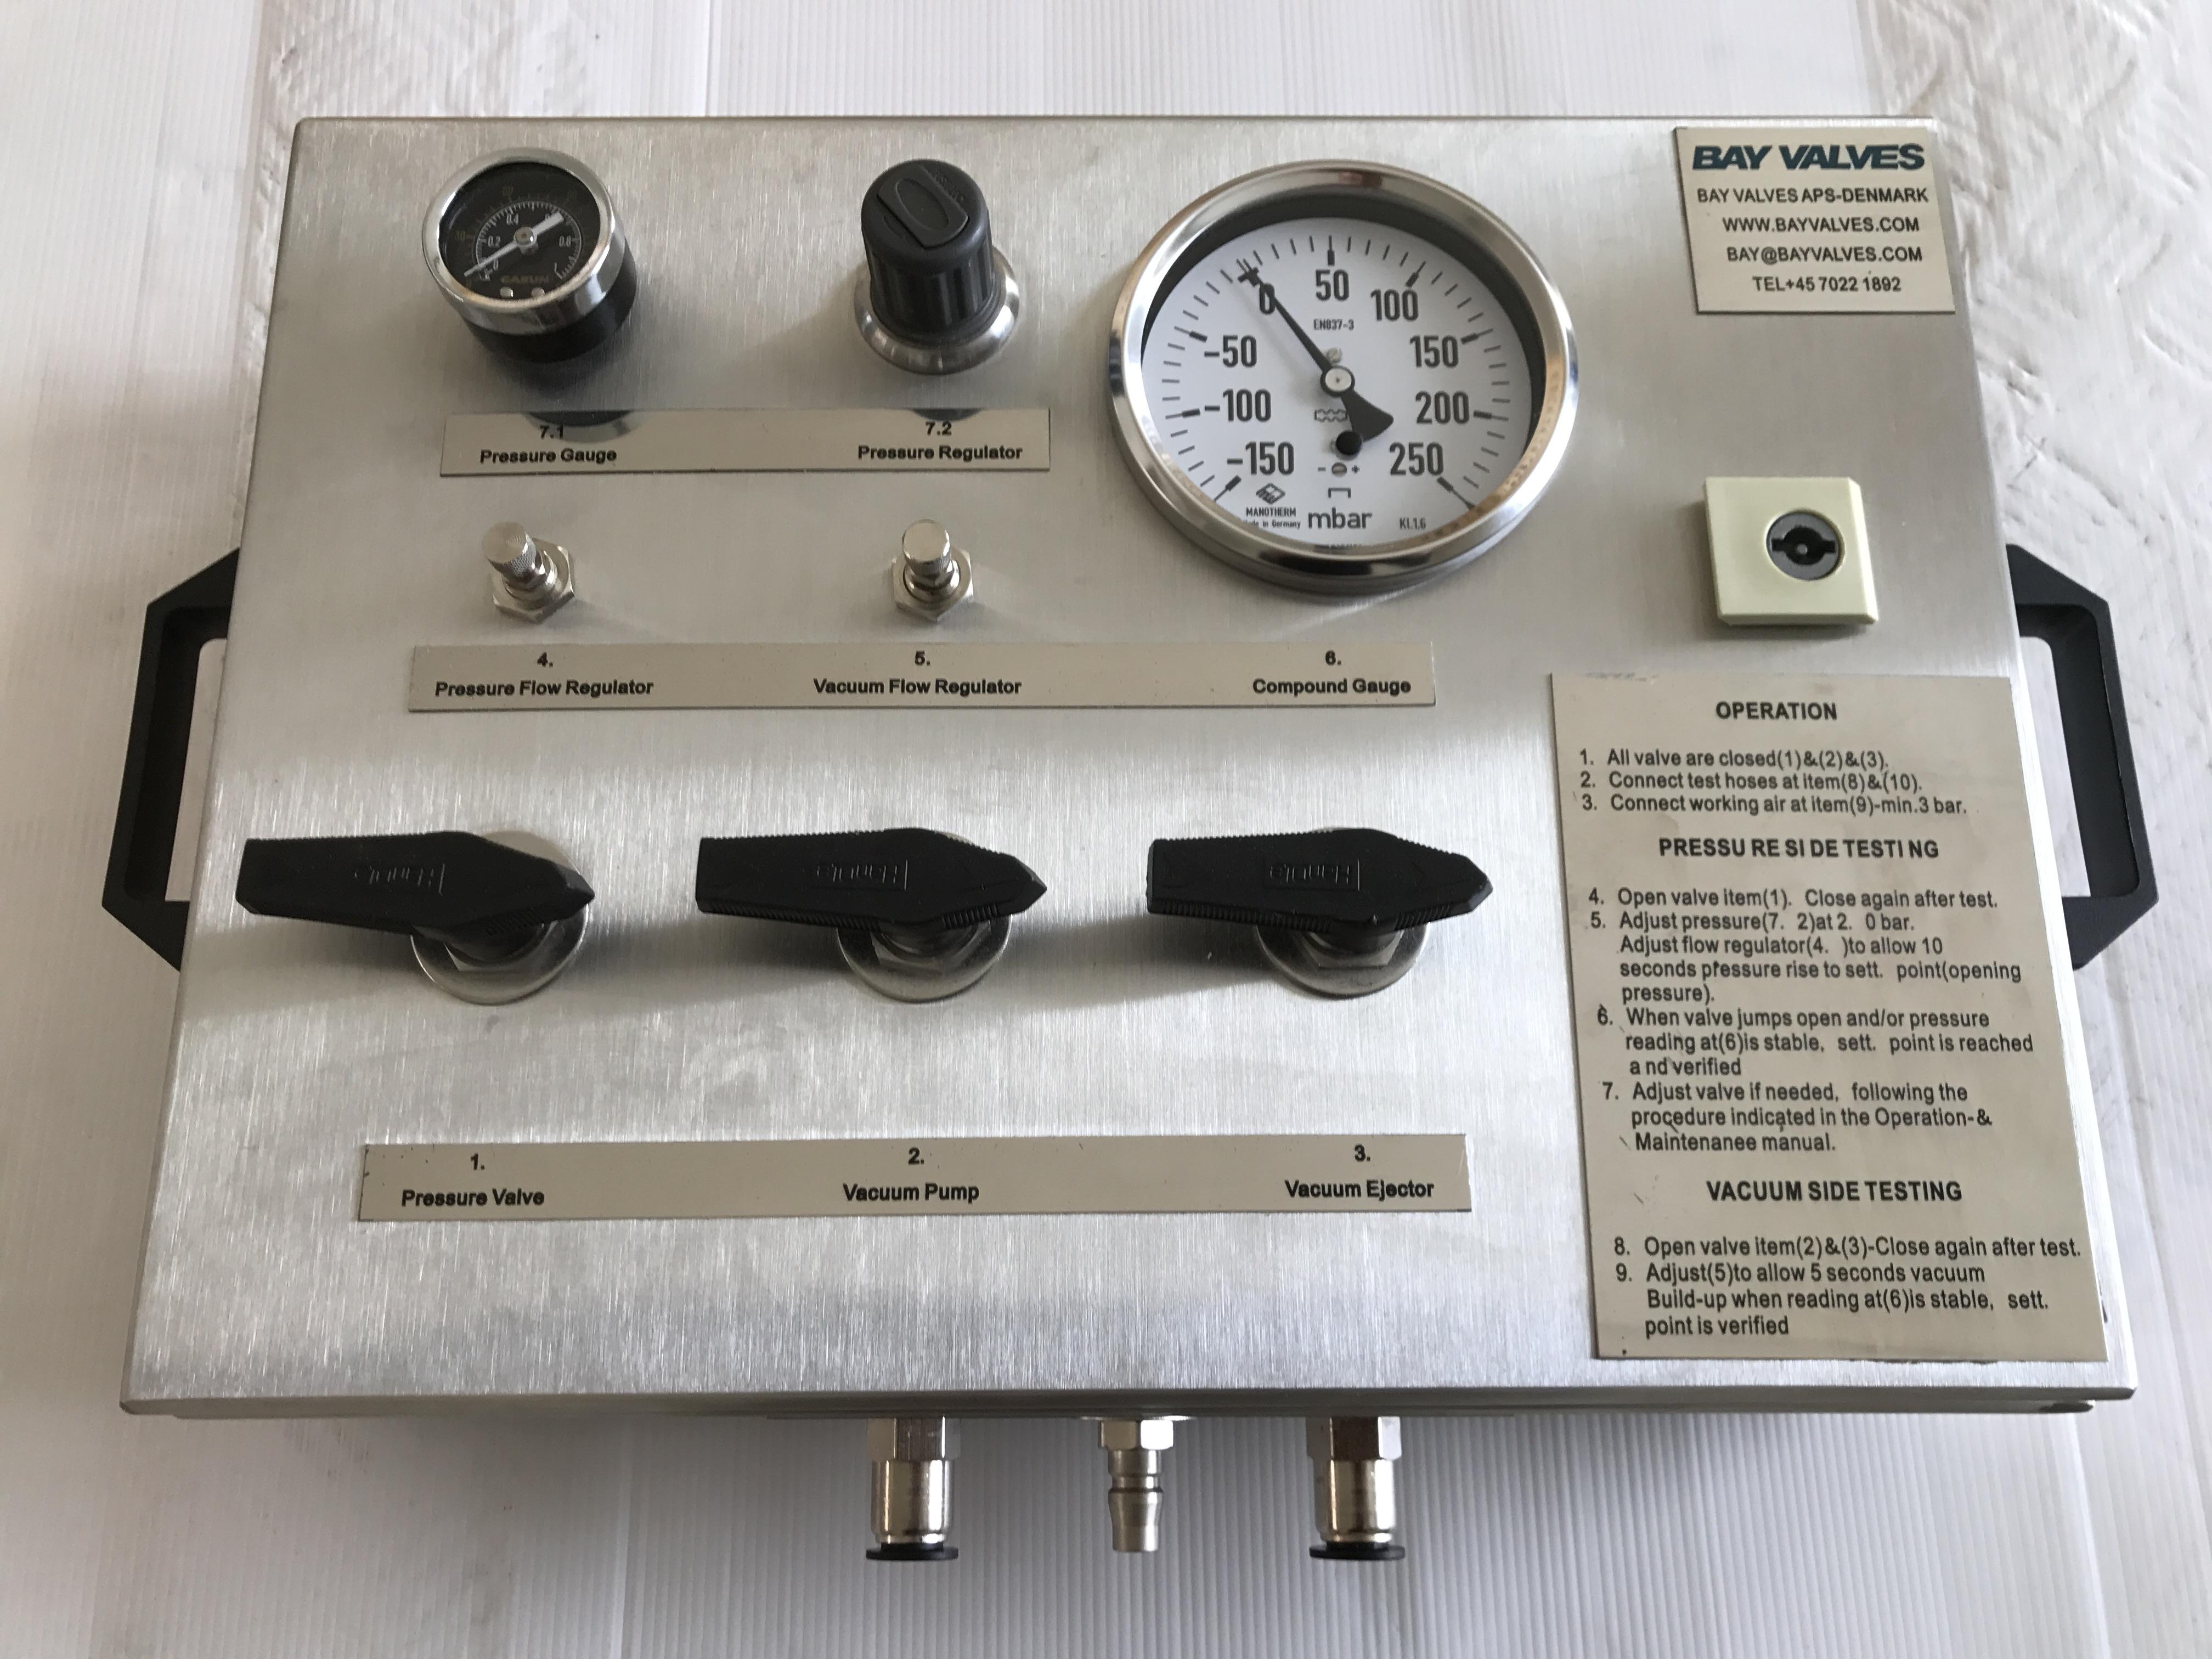 test equipment for p/v valves and high velocity valves Test Equipment for P/V valves and High Velocity valves 2017 06 13 13